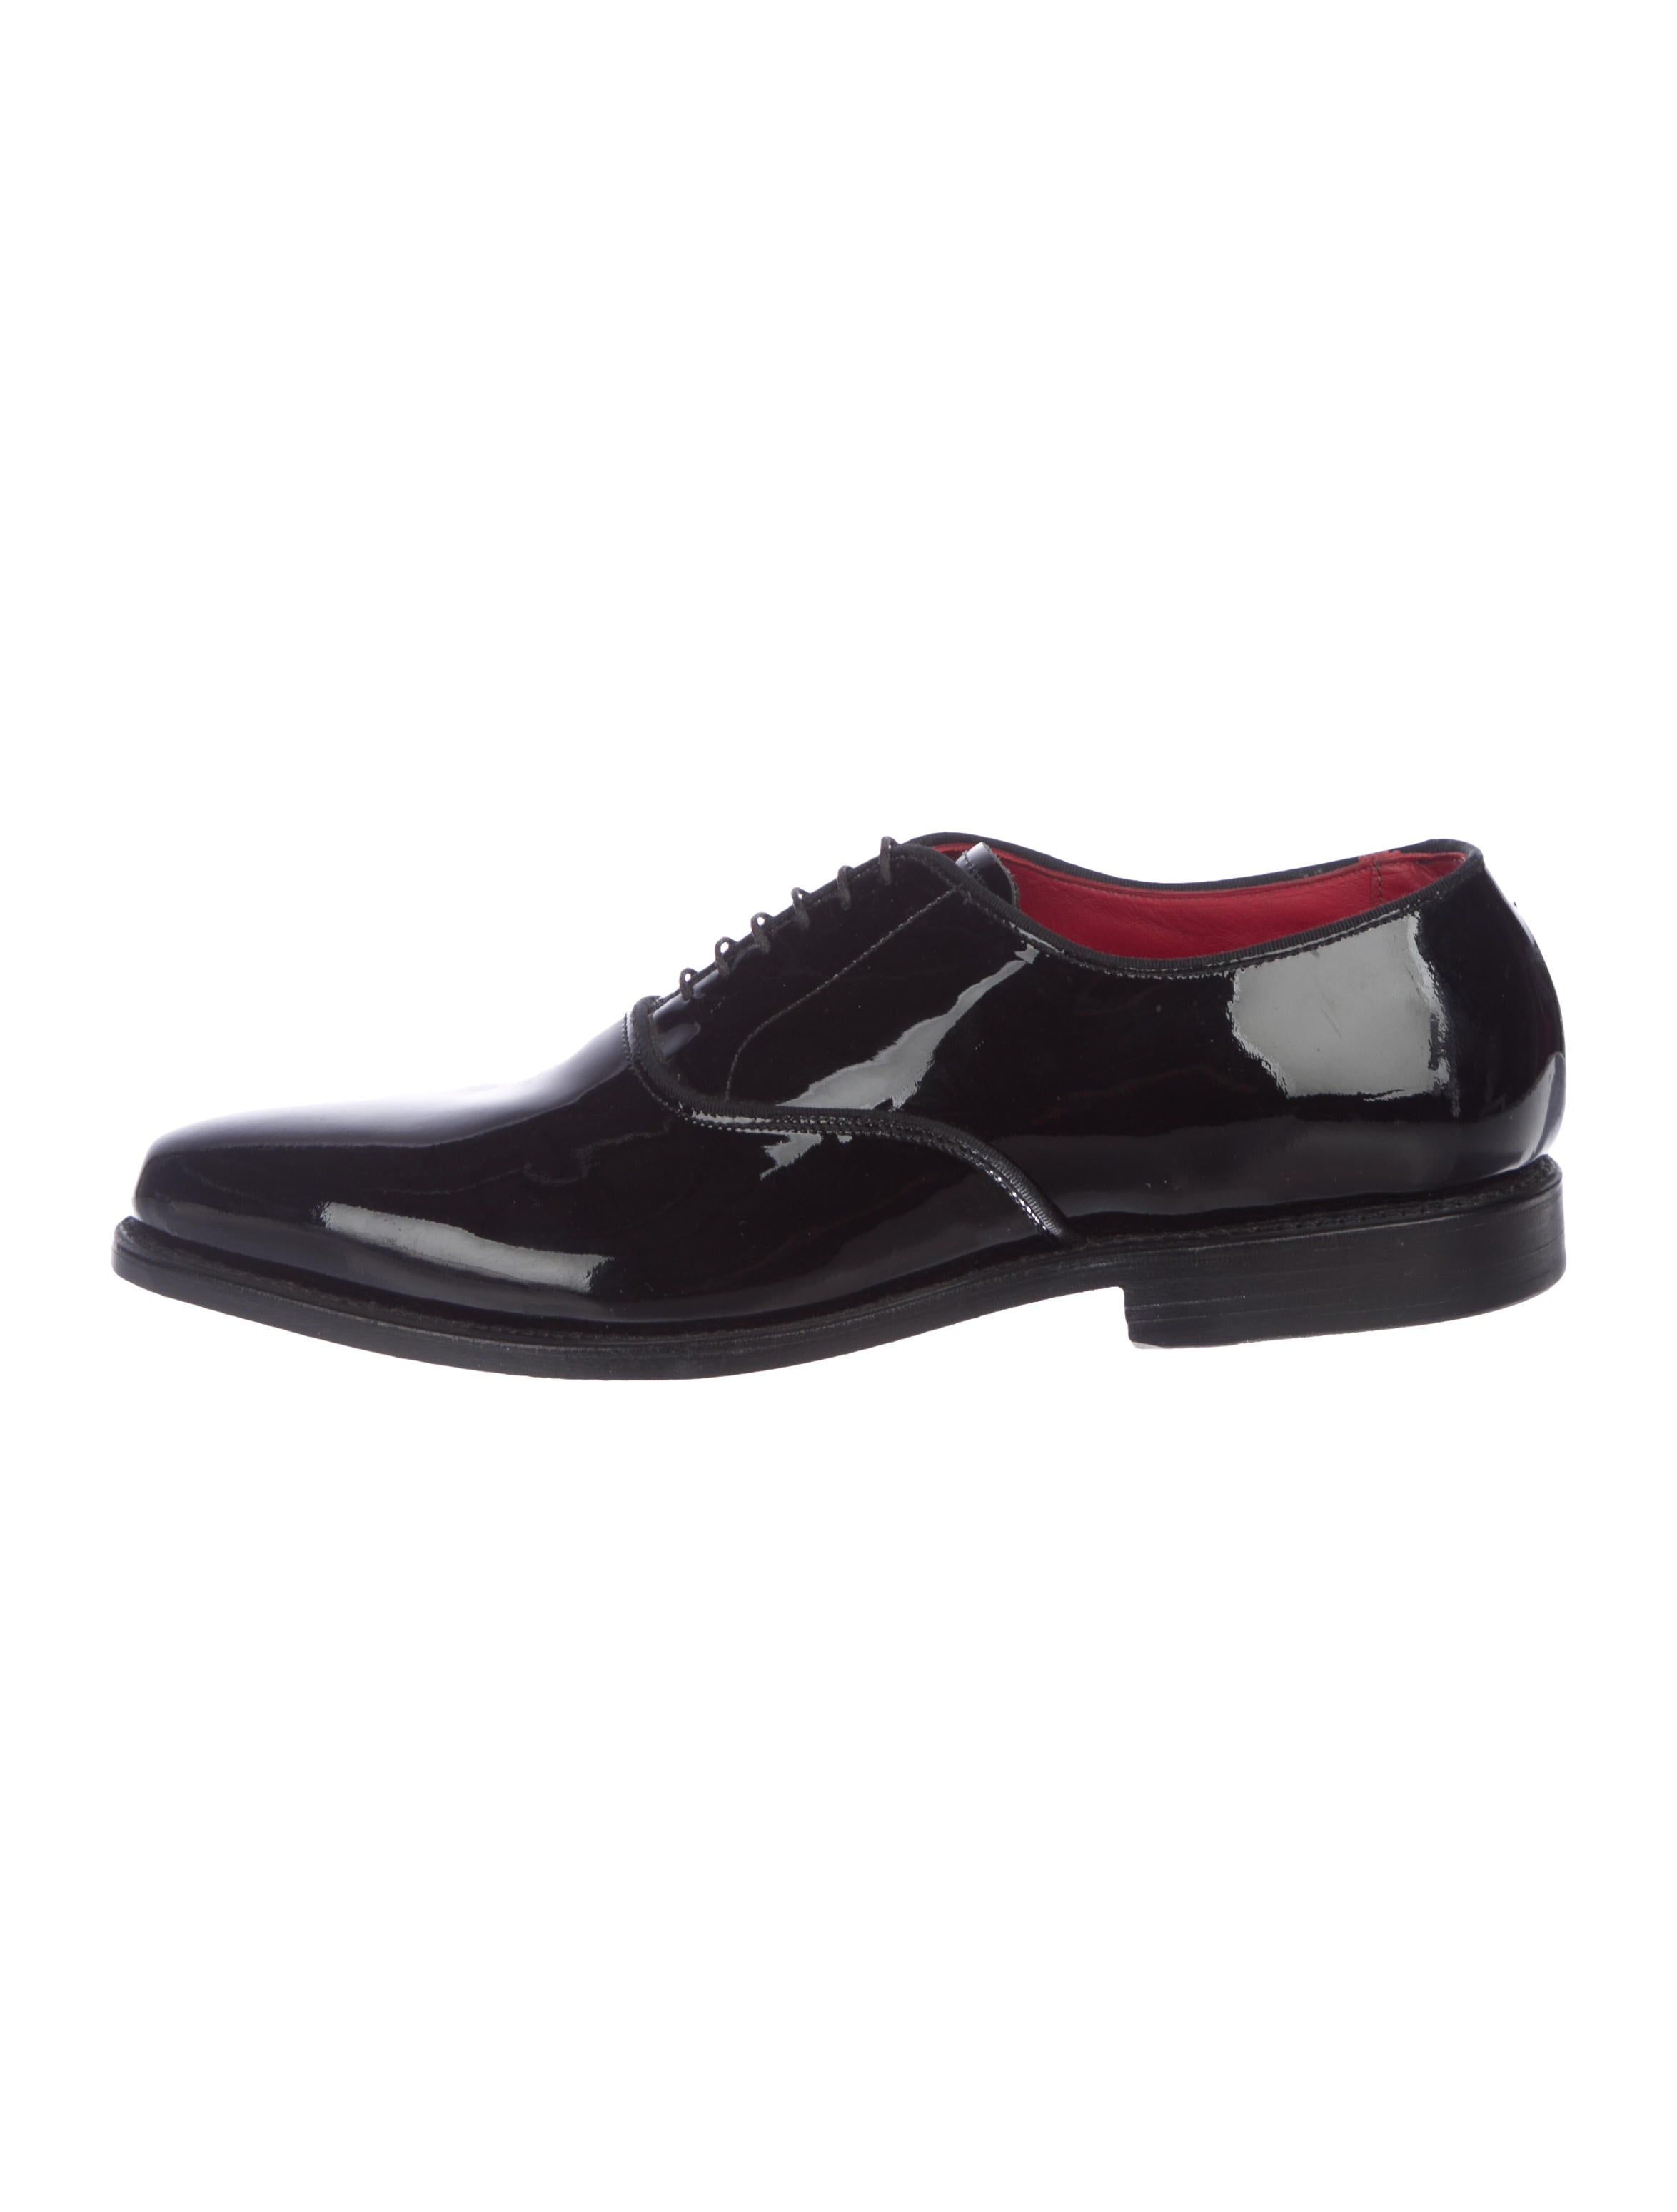 0c17e9583a7 Allen Edmonds Patent Tuxedo Oxforeds - Shoes - AED20446